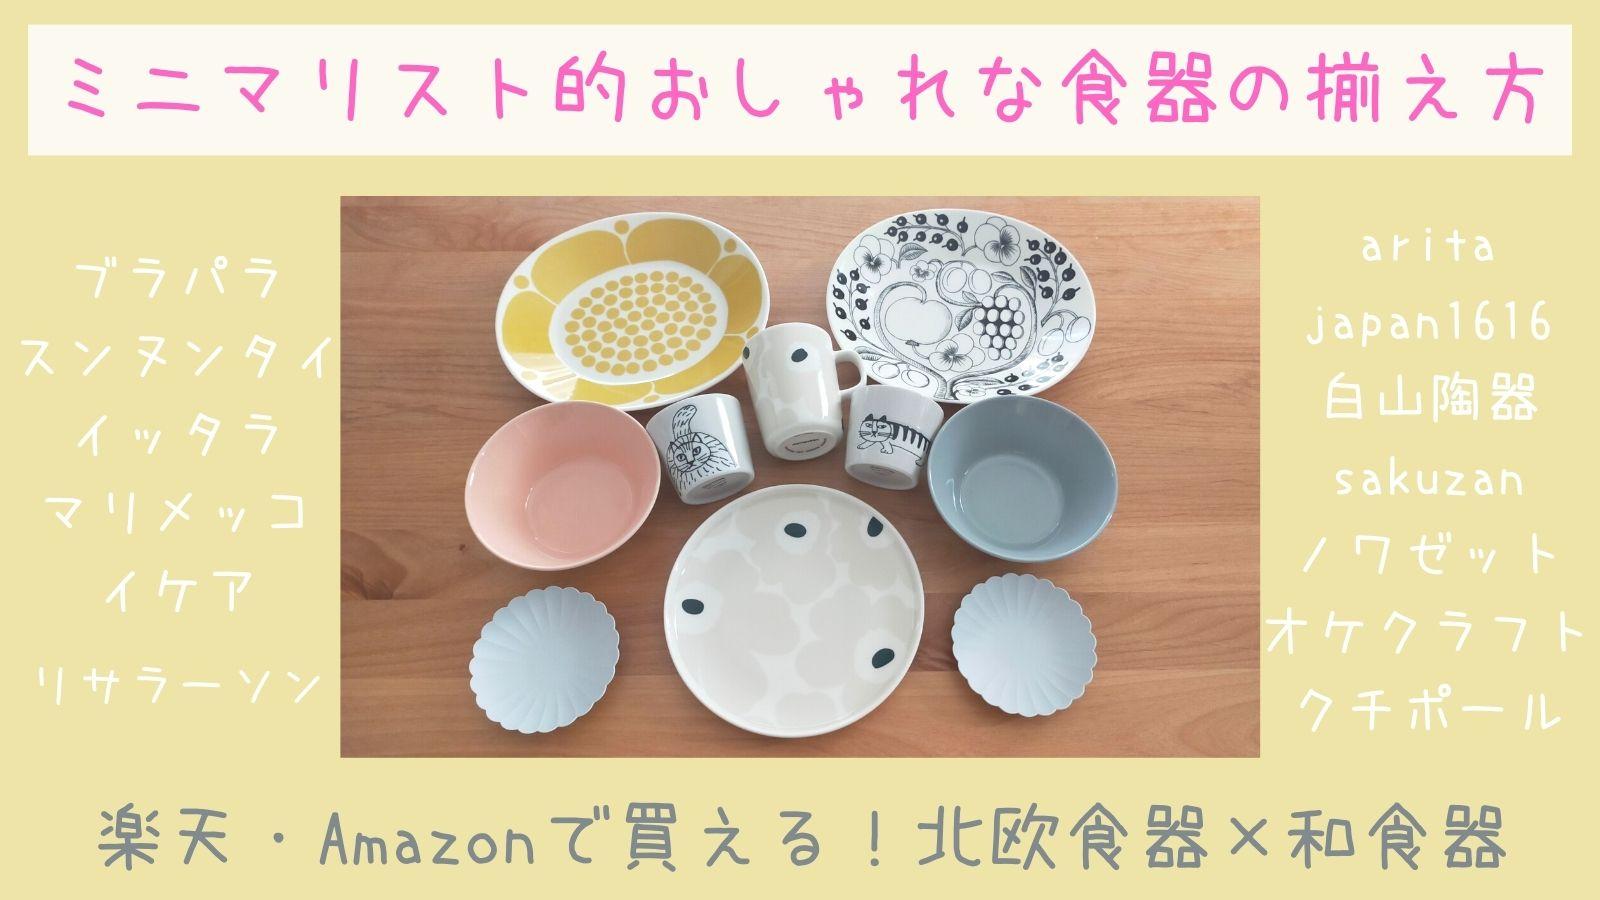 ミニマリスト的おしゃれな食器の揃え方楽天Amazonで買える北欧食器和食器